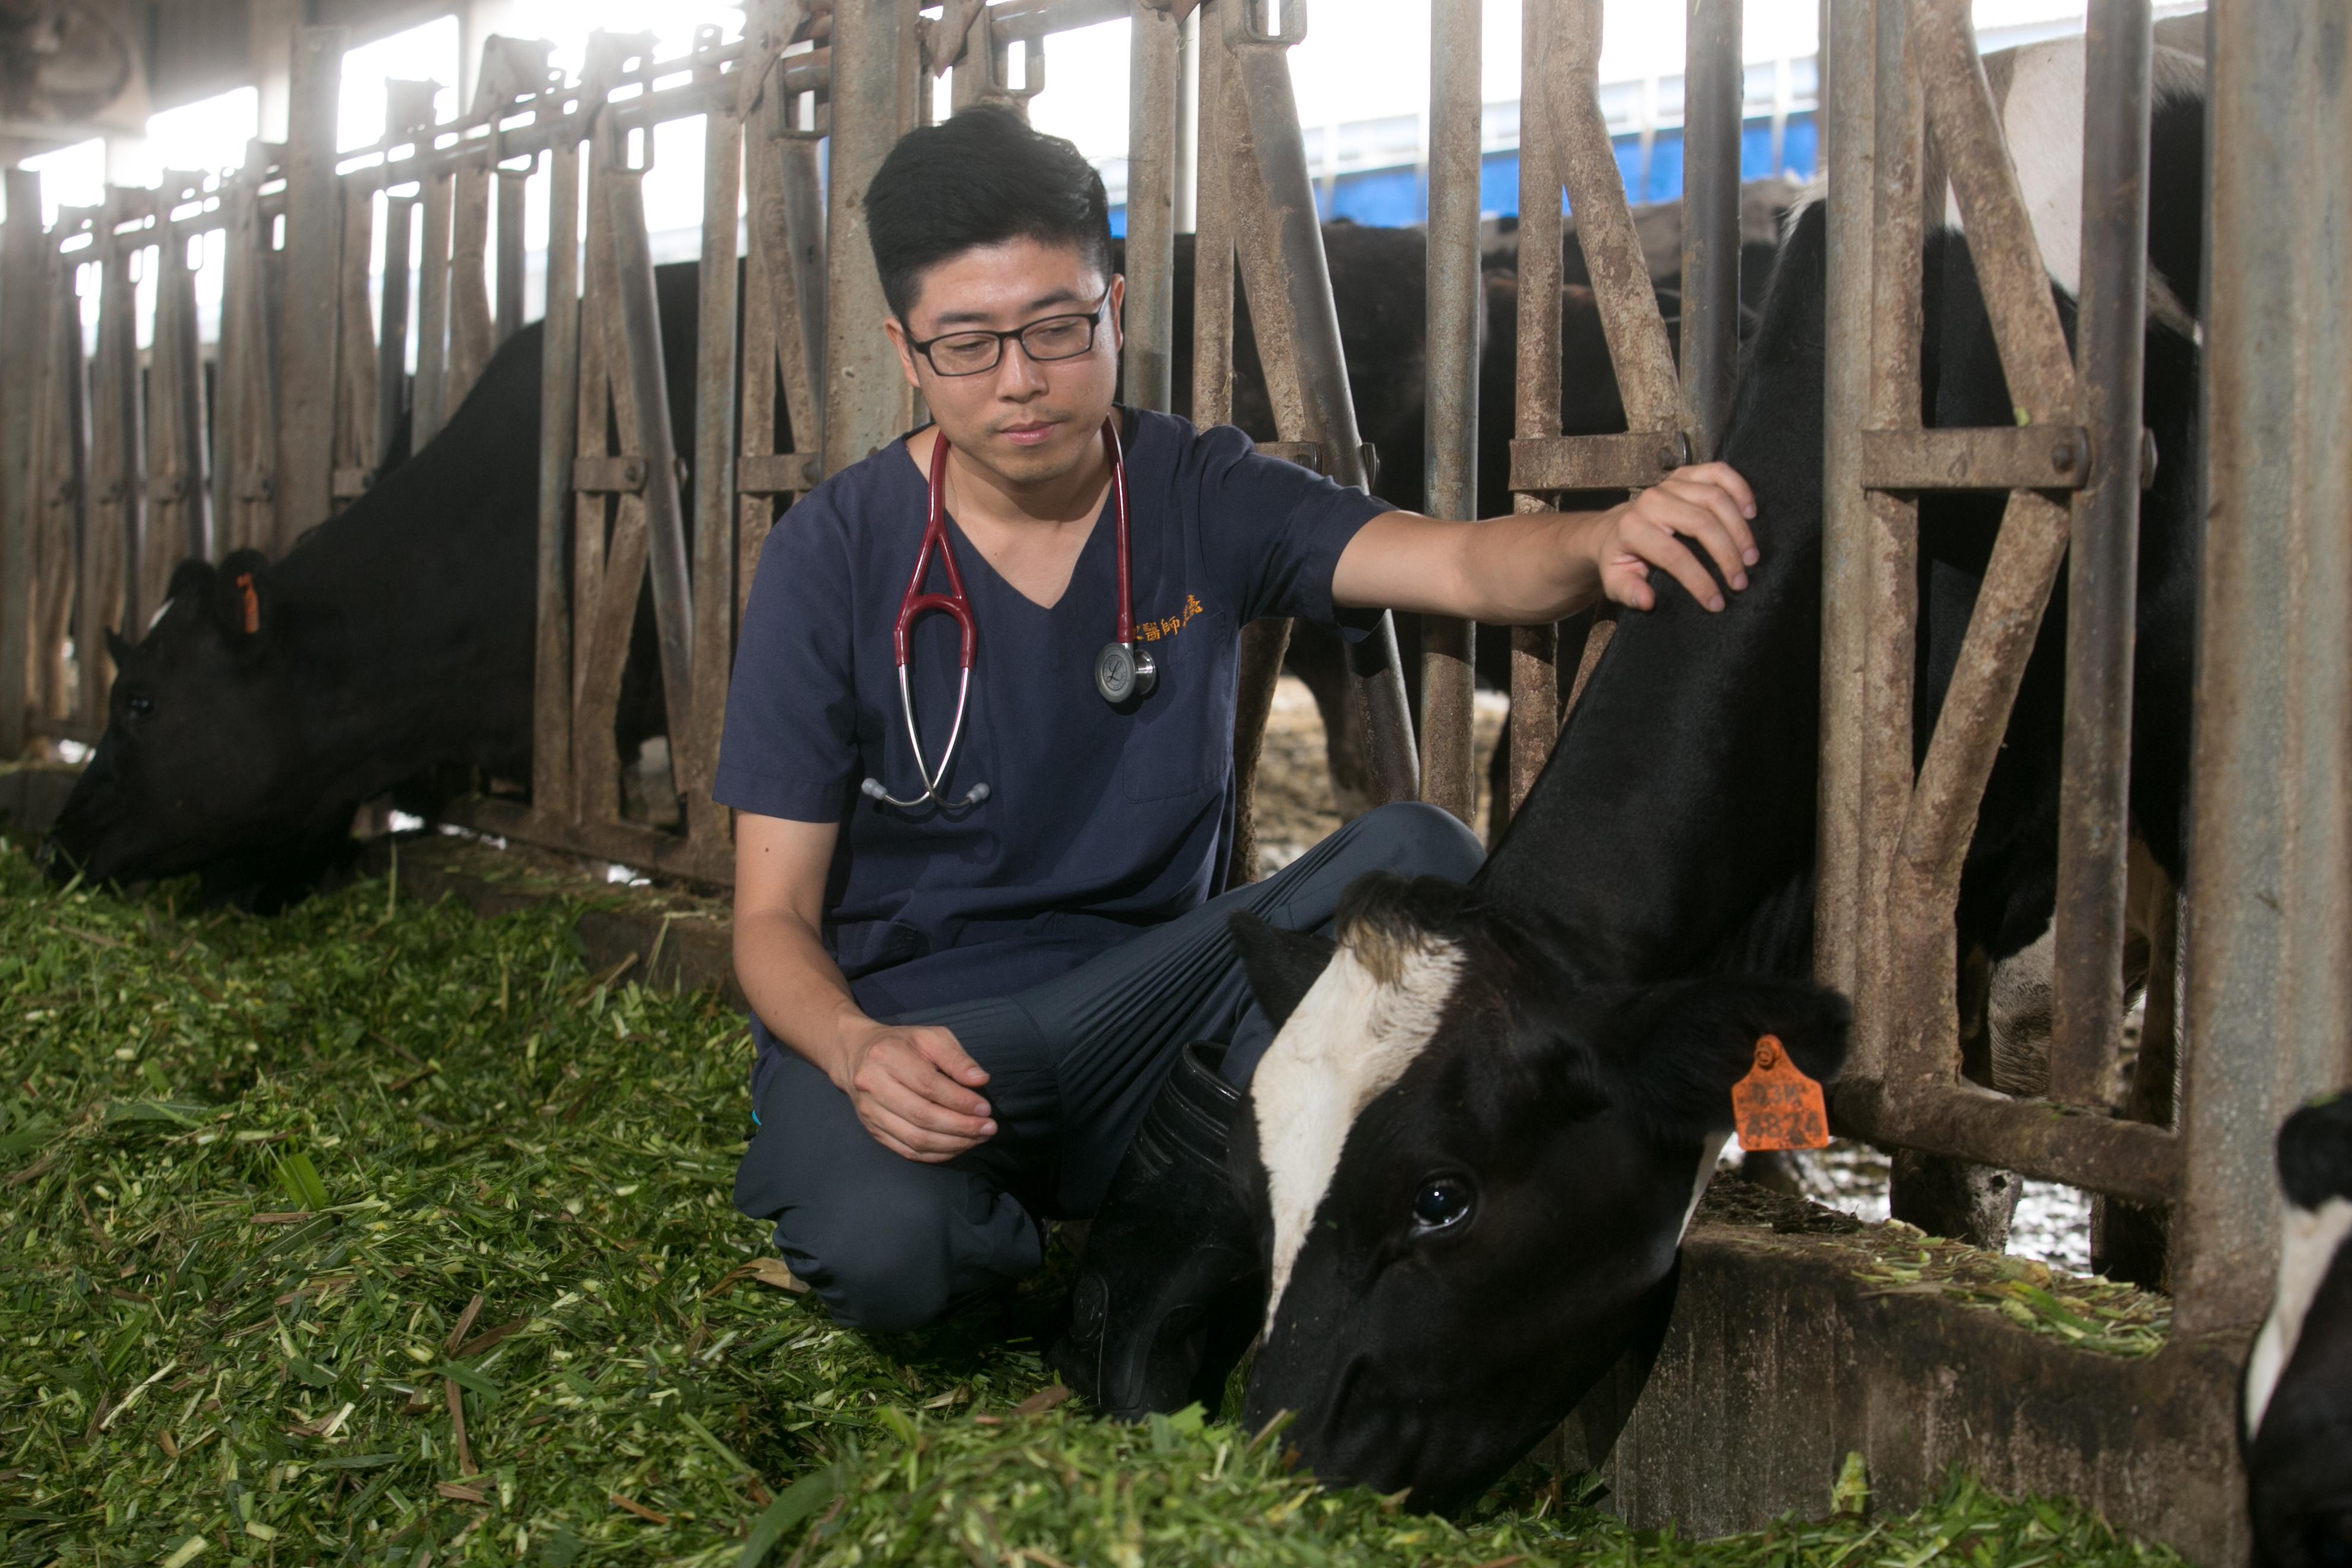 鮮乳坊創辦人龔建嘉在牧場替牛隻看診。圖片來源/龔建嘉